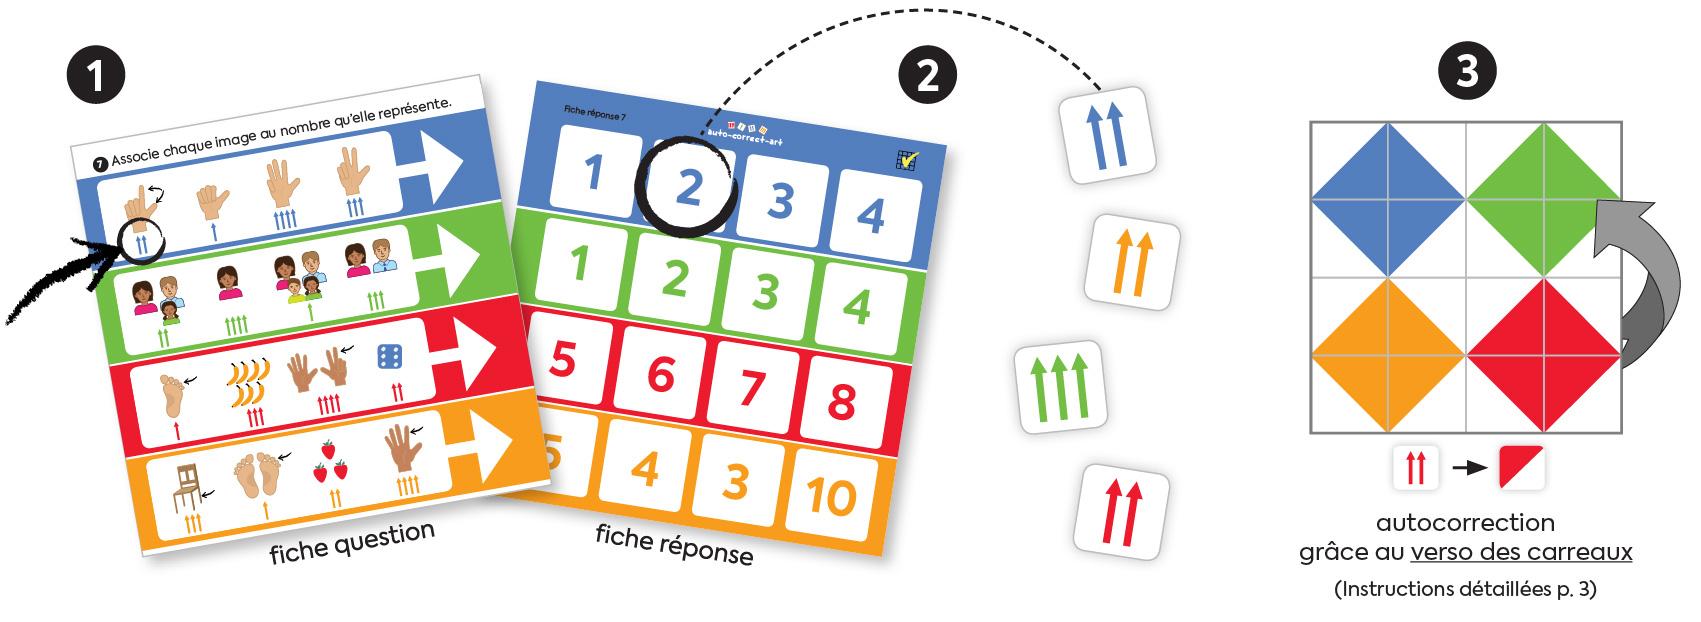 Comment_jouer_Decouvre.jpg